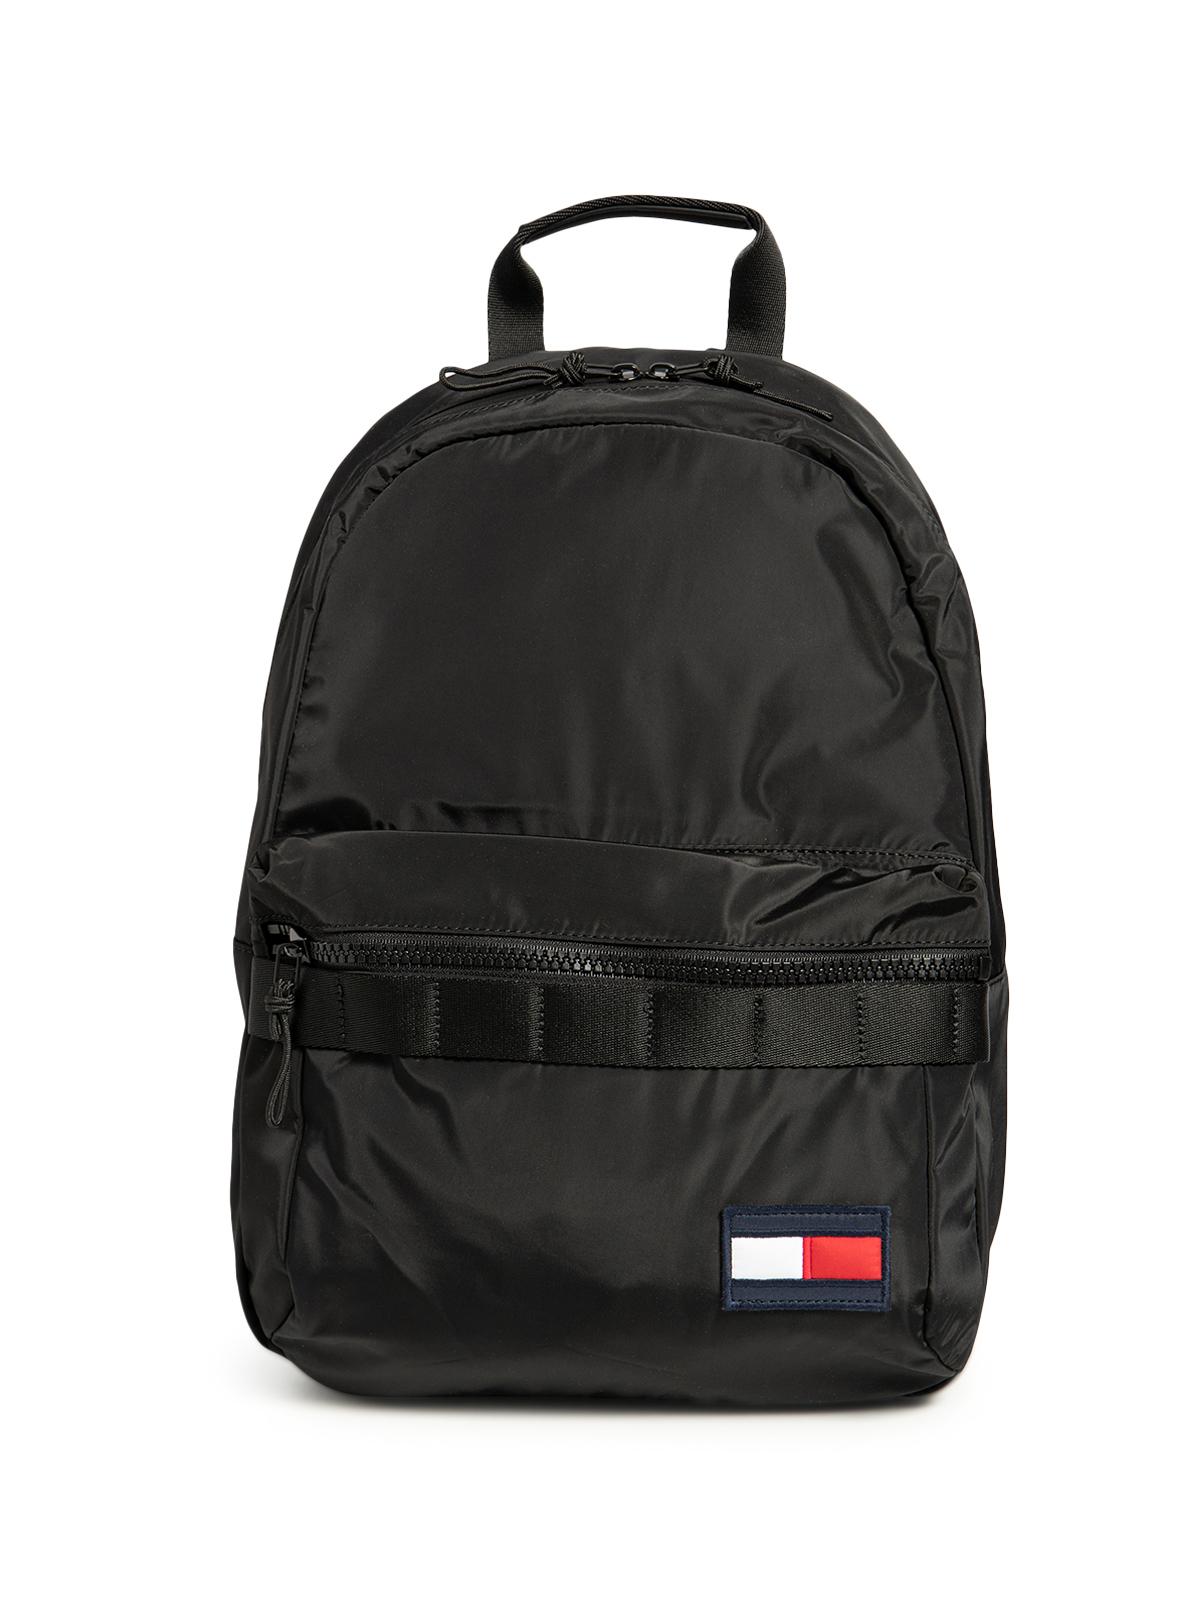 Tommy Hilfiger Tasche in zwart voor Heren, grootte: